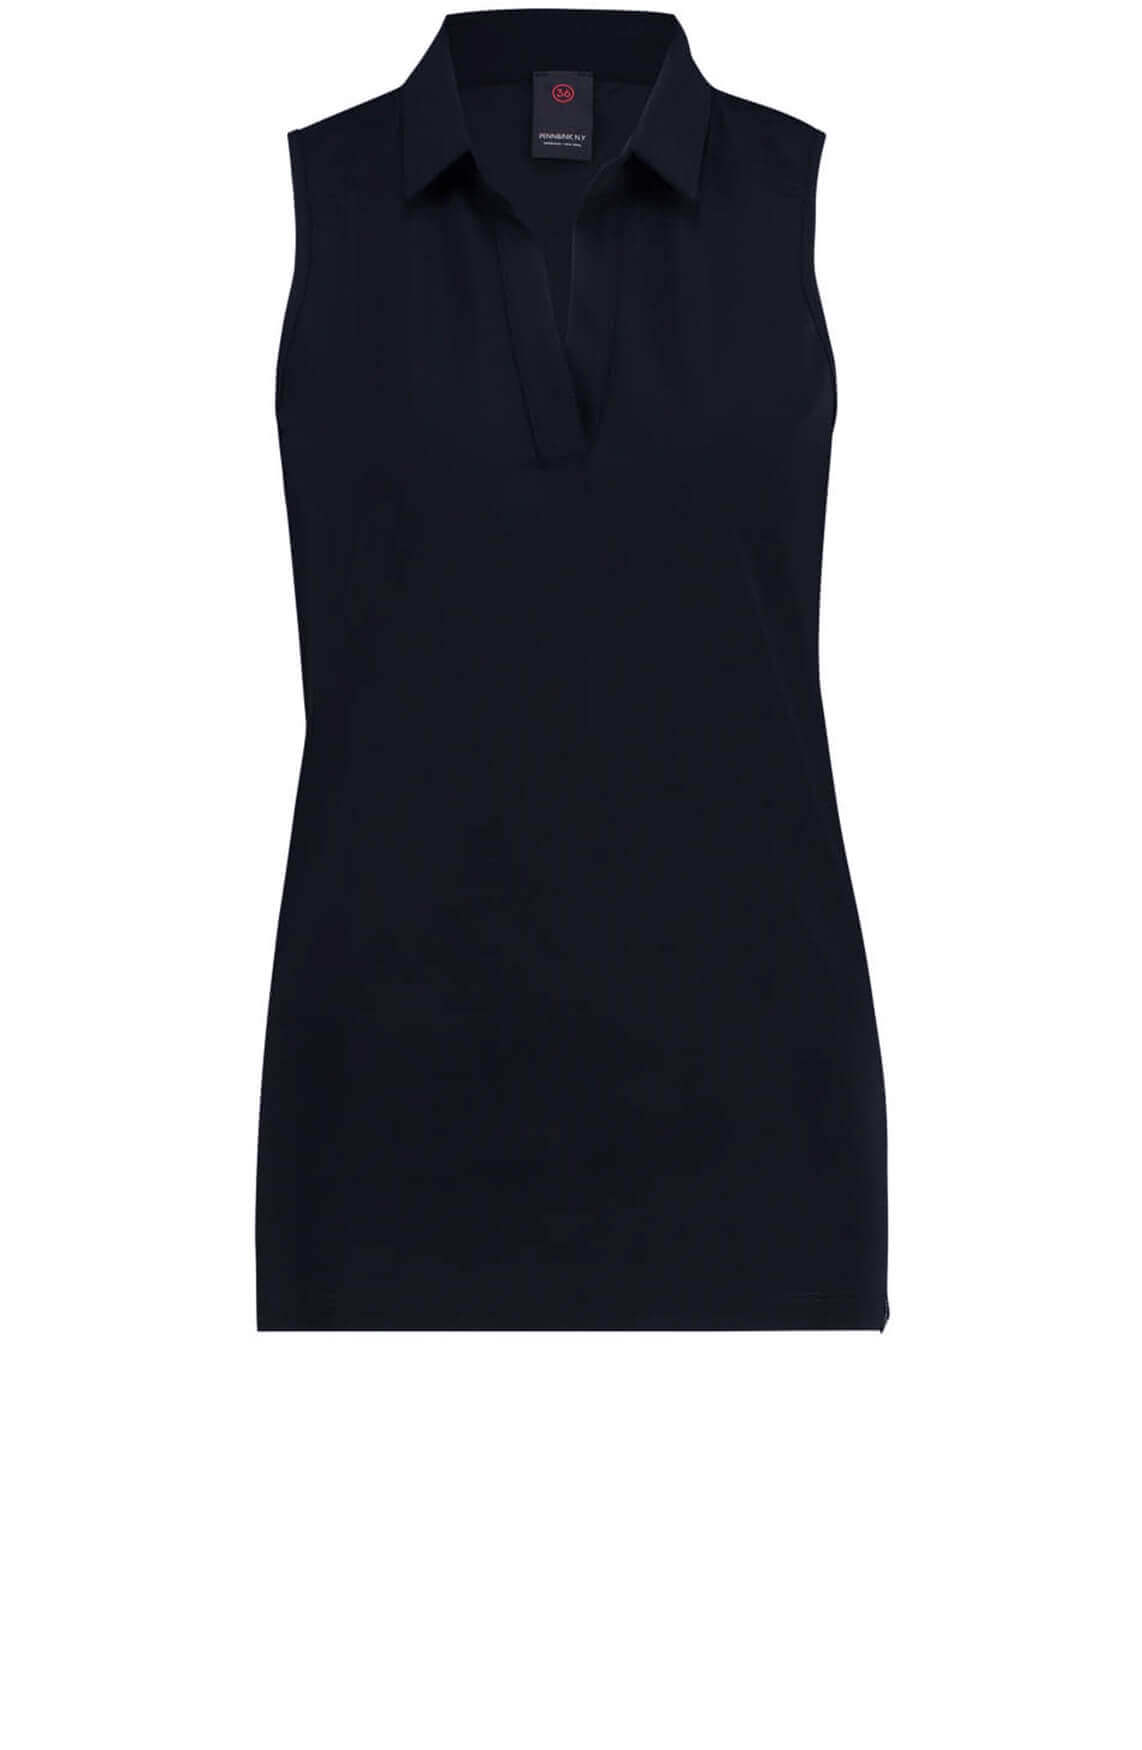 Penn & Ink Dames Mouwloze blouse Blauw